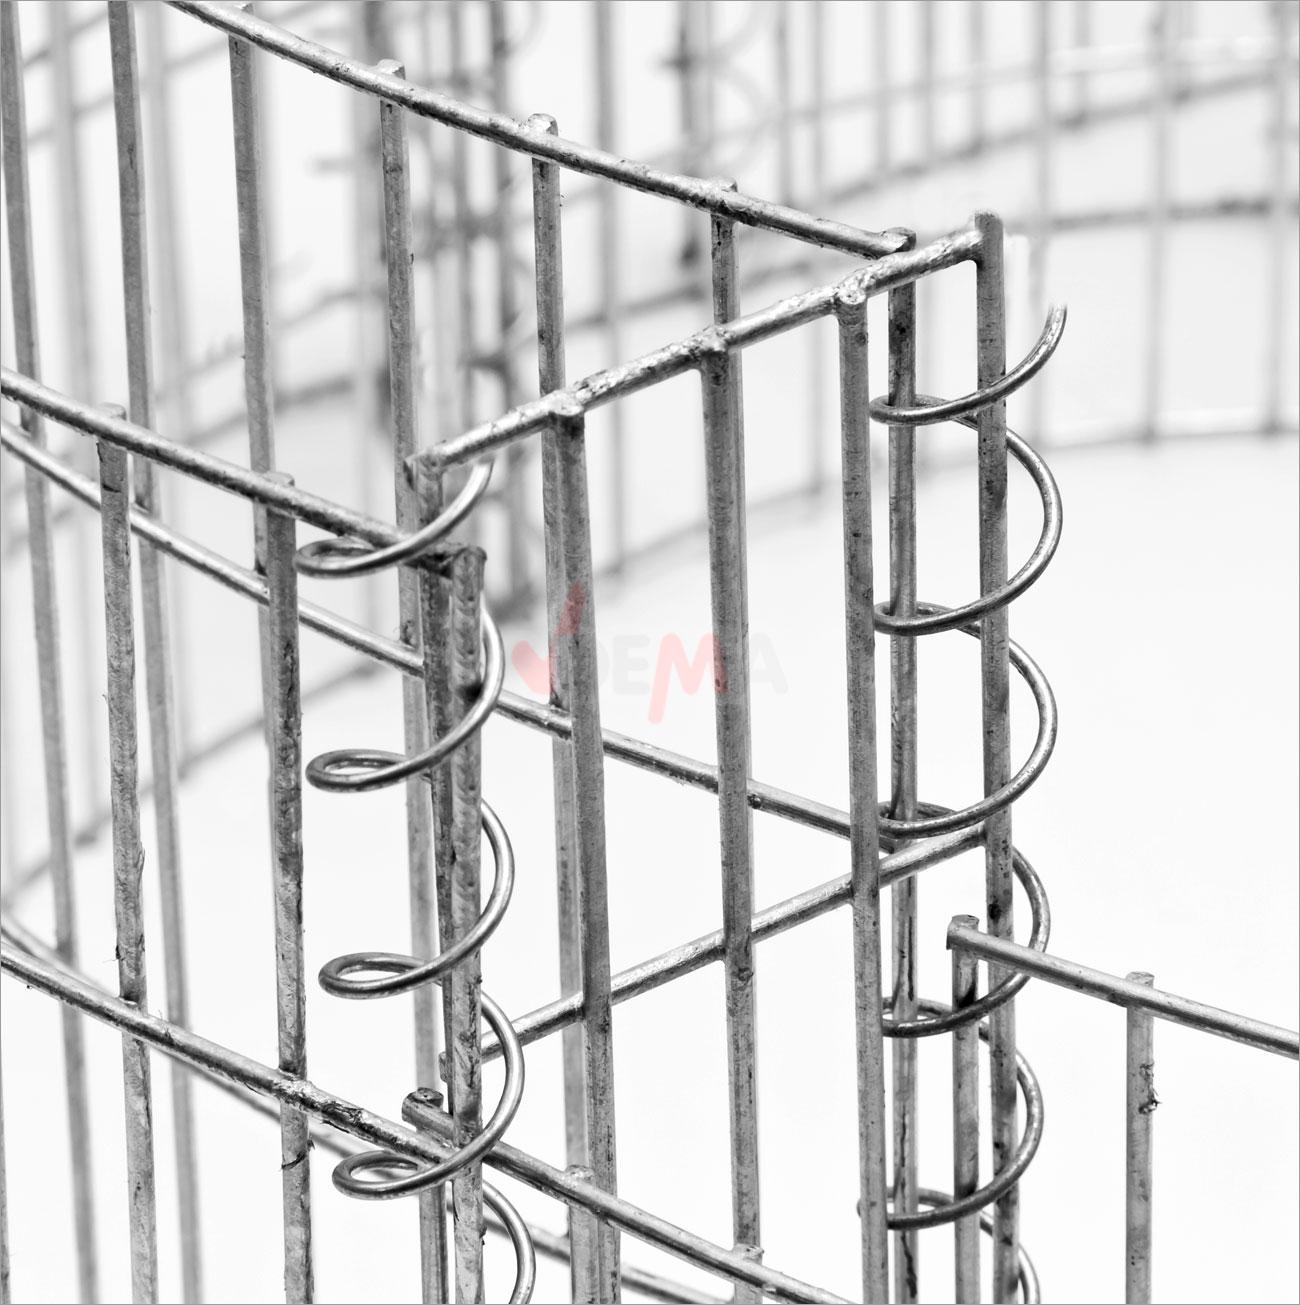 918489 gabione kr uterspirale kr uterschnecke gabionen. Black Bedroom Furniture Sets. Home Design Ideas